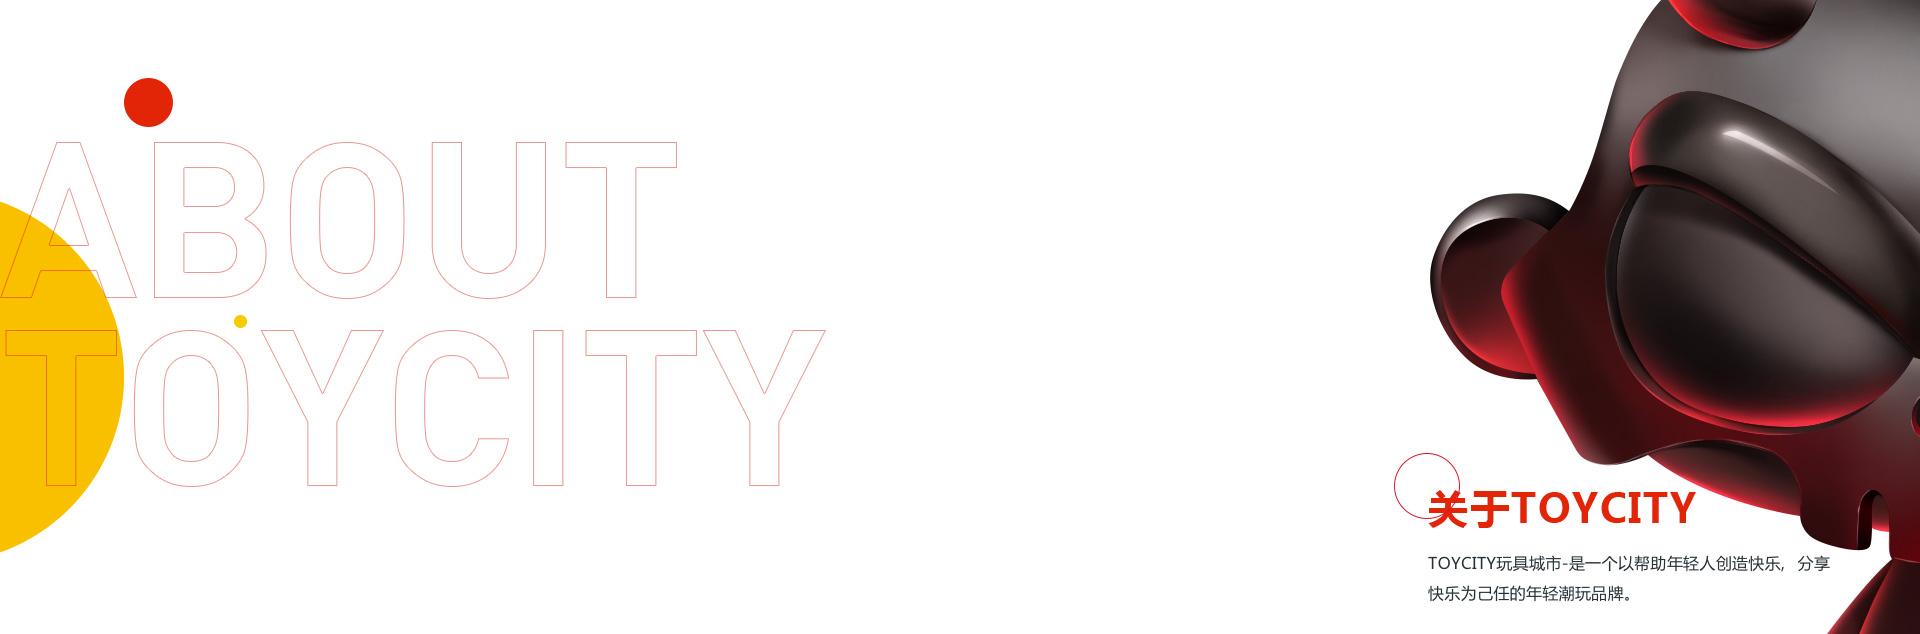 玩具城市_案例1.0_03.jpg